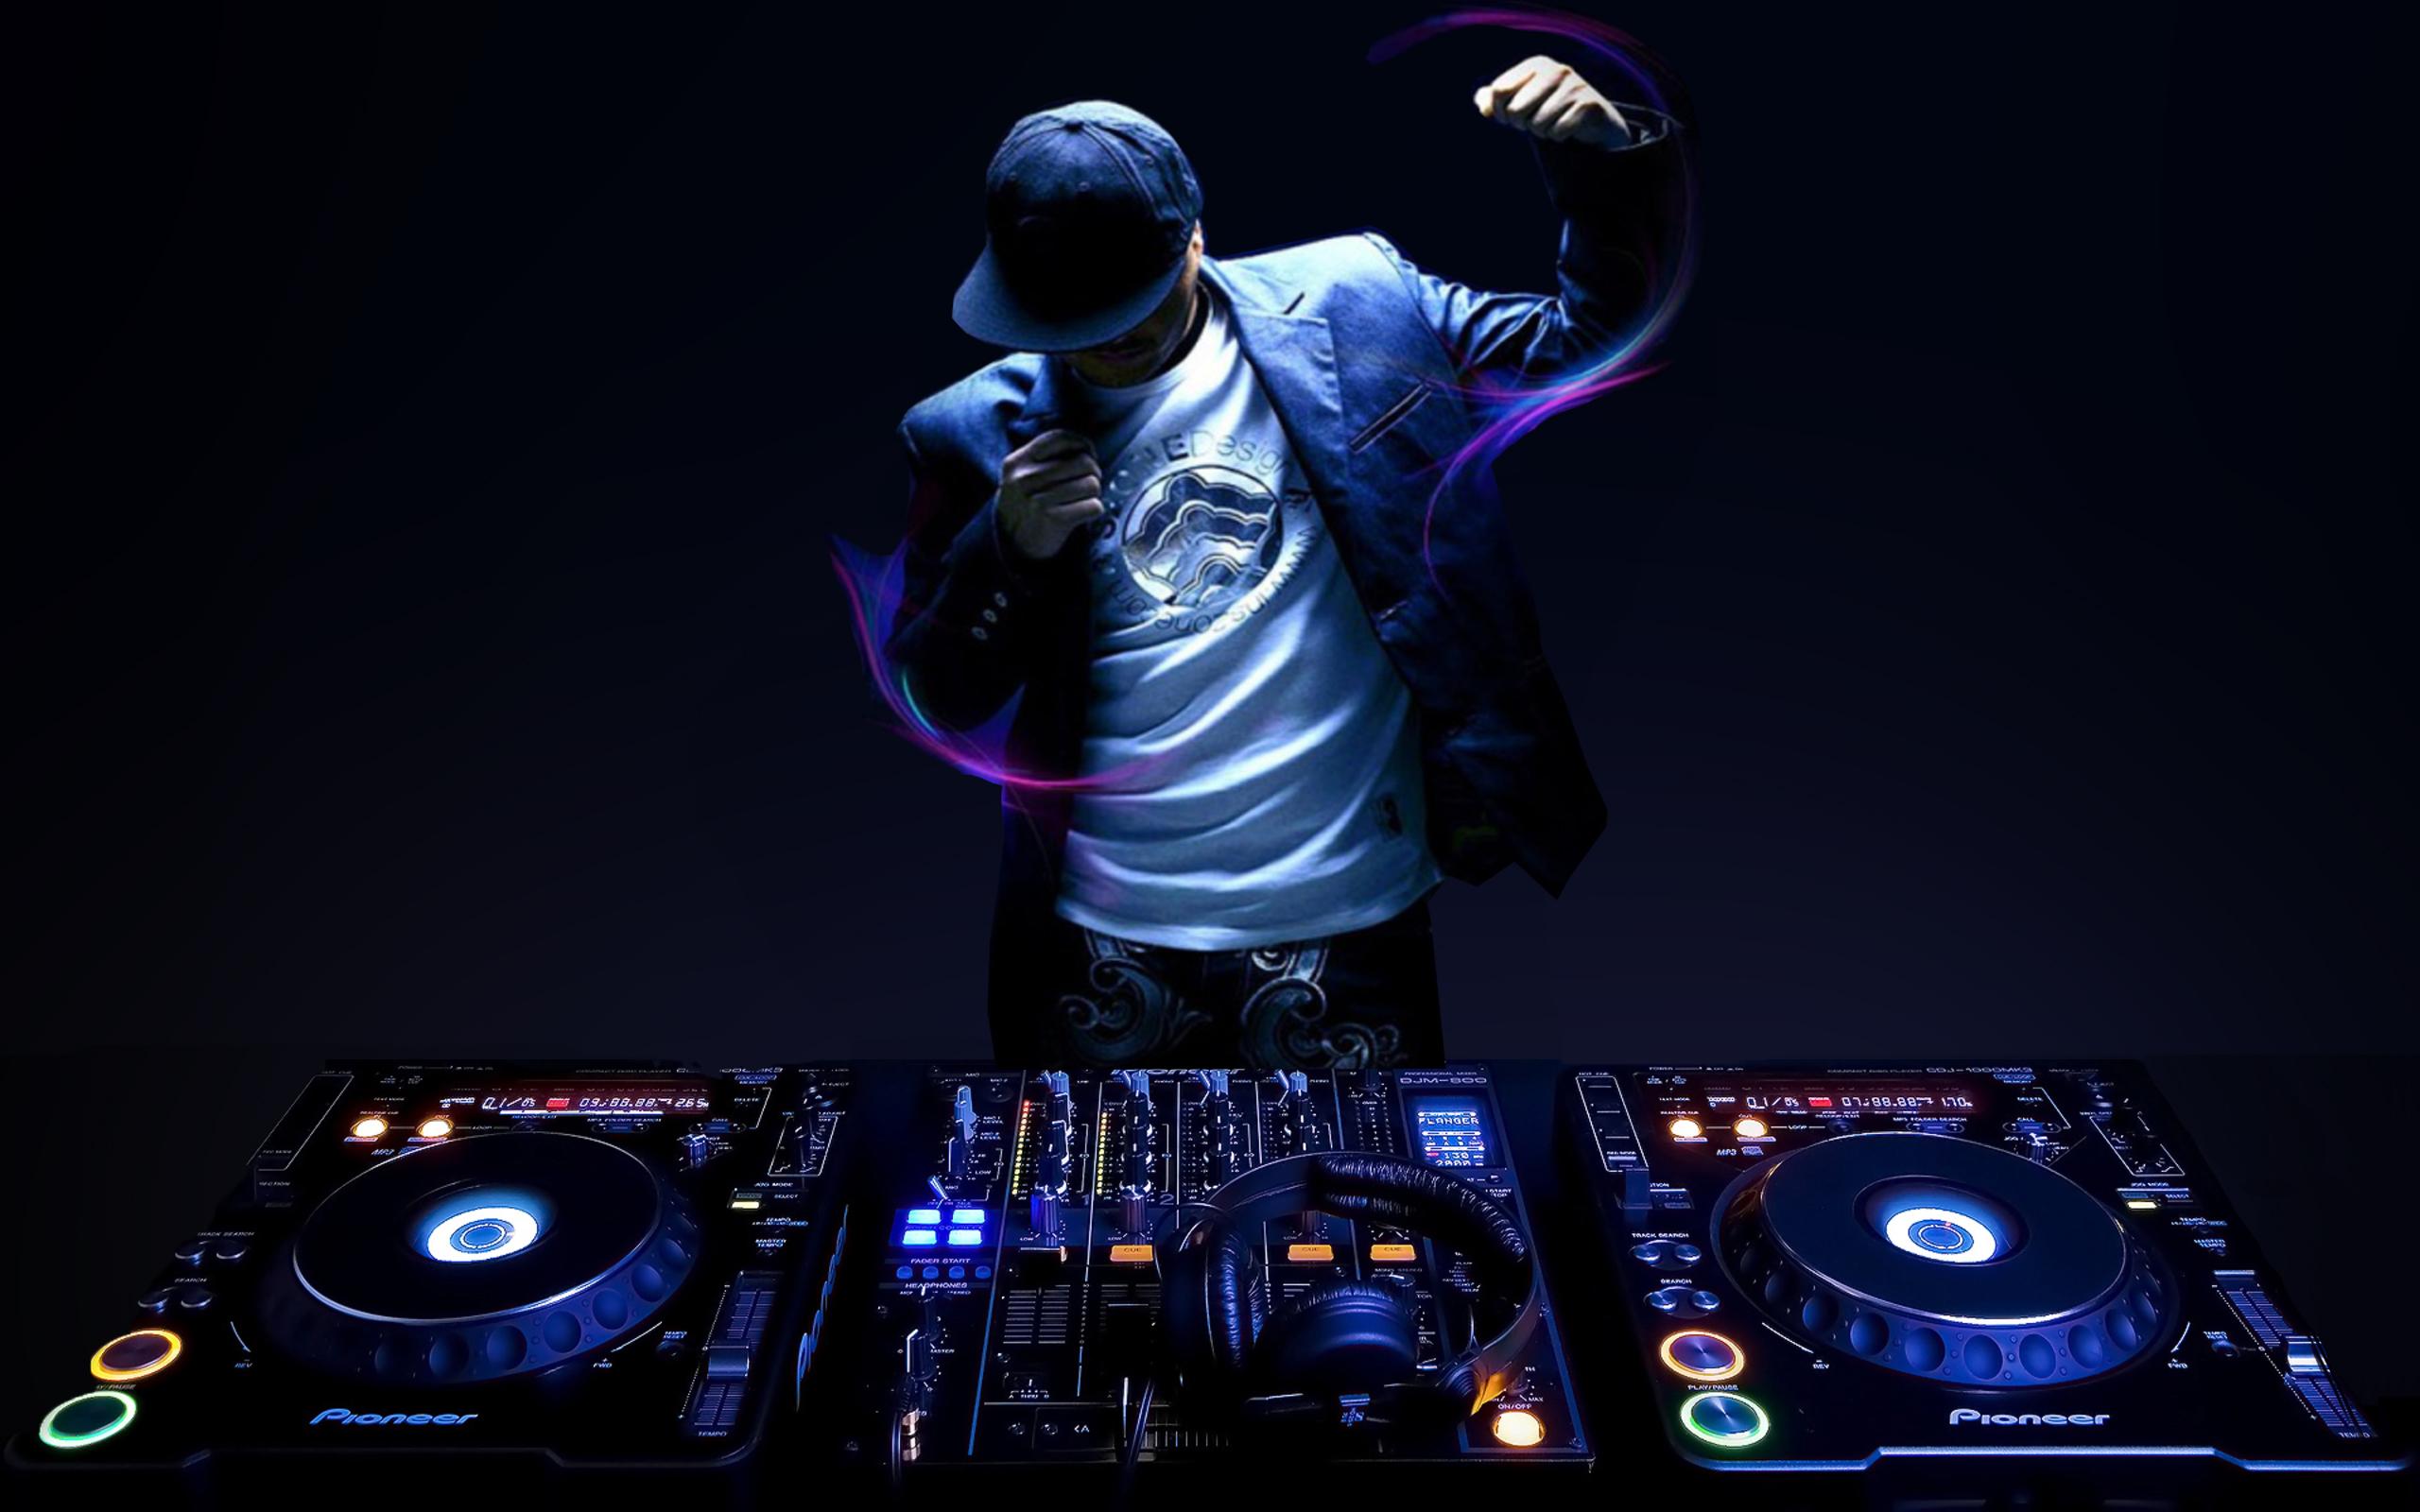 DJ-Music-Wallpaper-Free-Download-Image